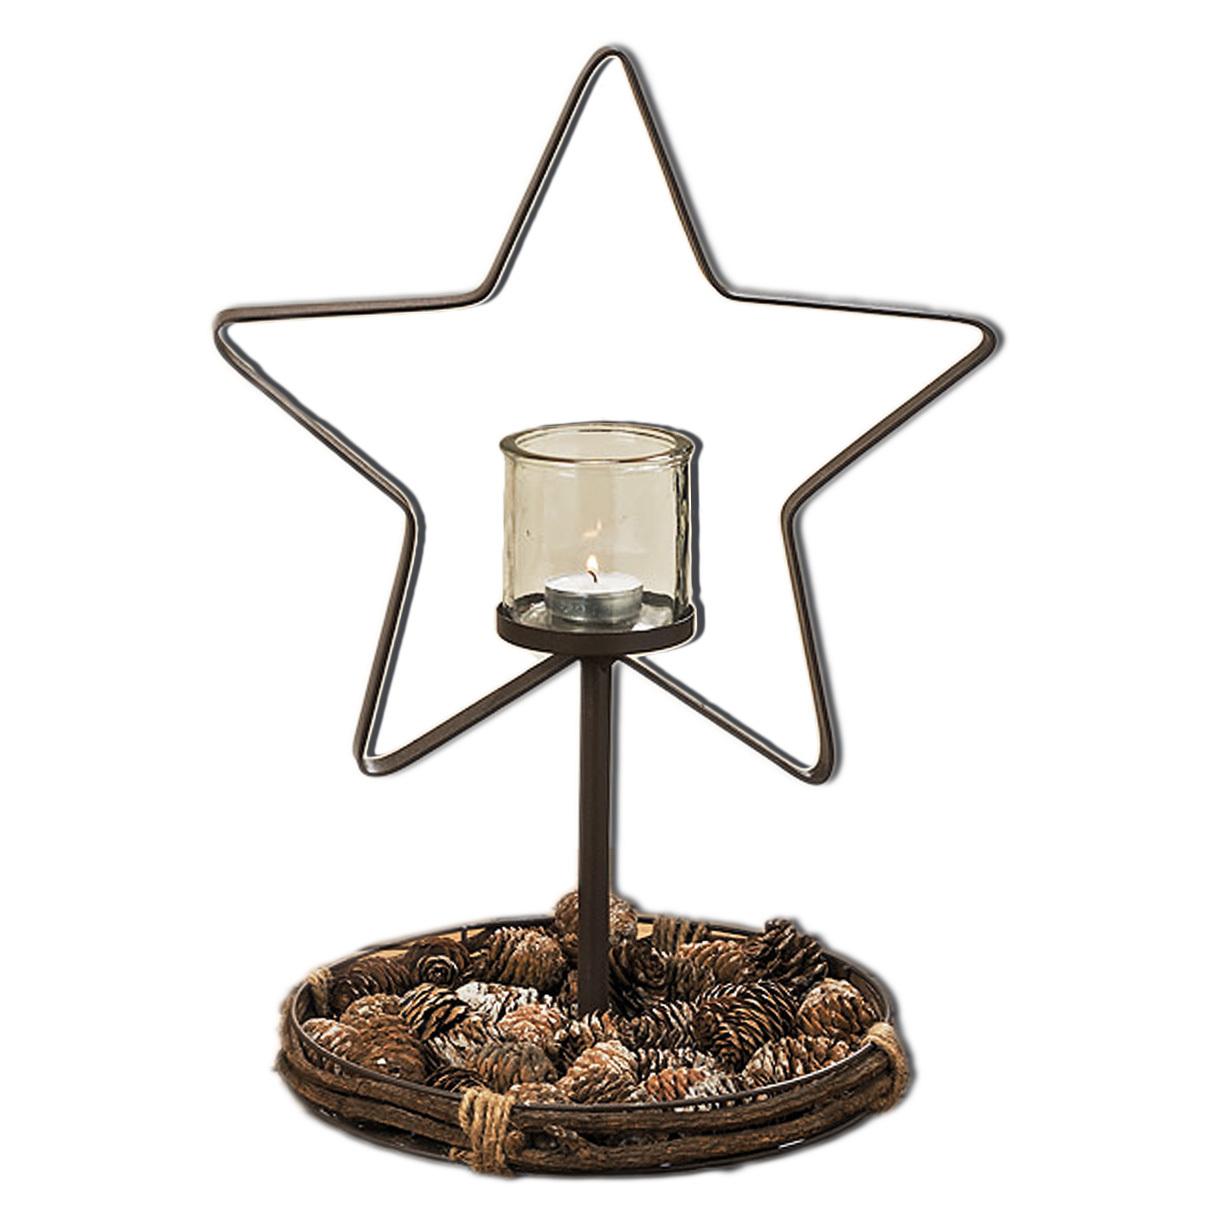 Teelichtständer in Stern aus Metall mit Glashalter für Teelicht oder Kerze braun